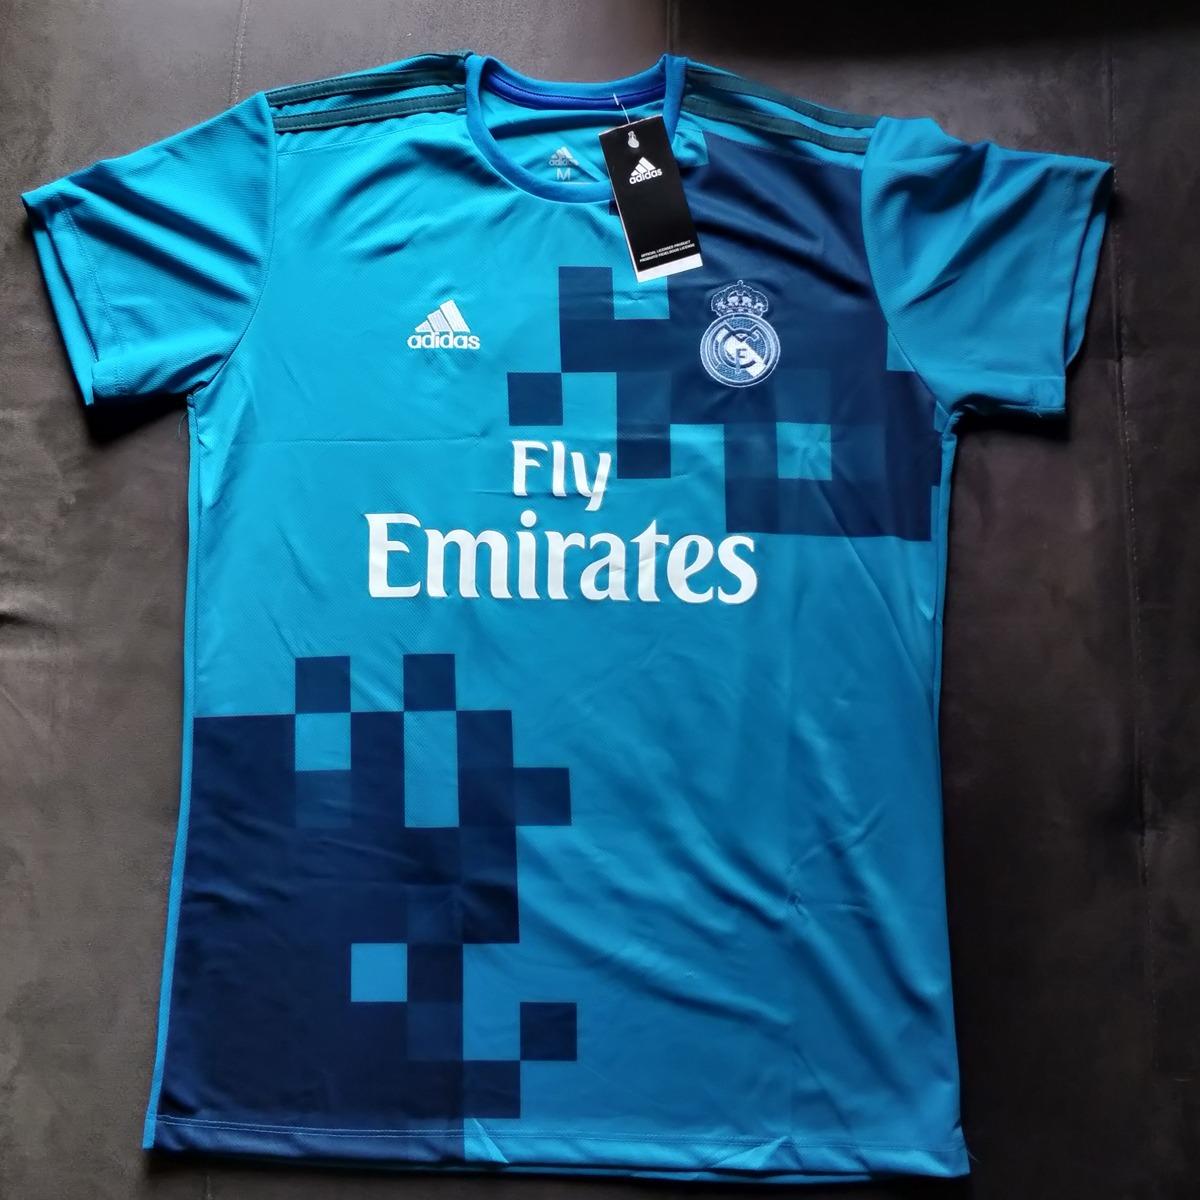 e06544b65873a Camisetas De Time Camisas De Futebol Top Modelos 2018 - R  49